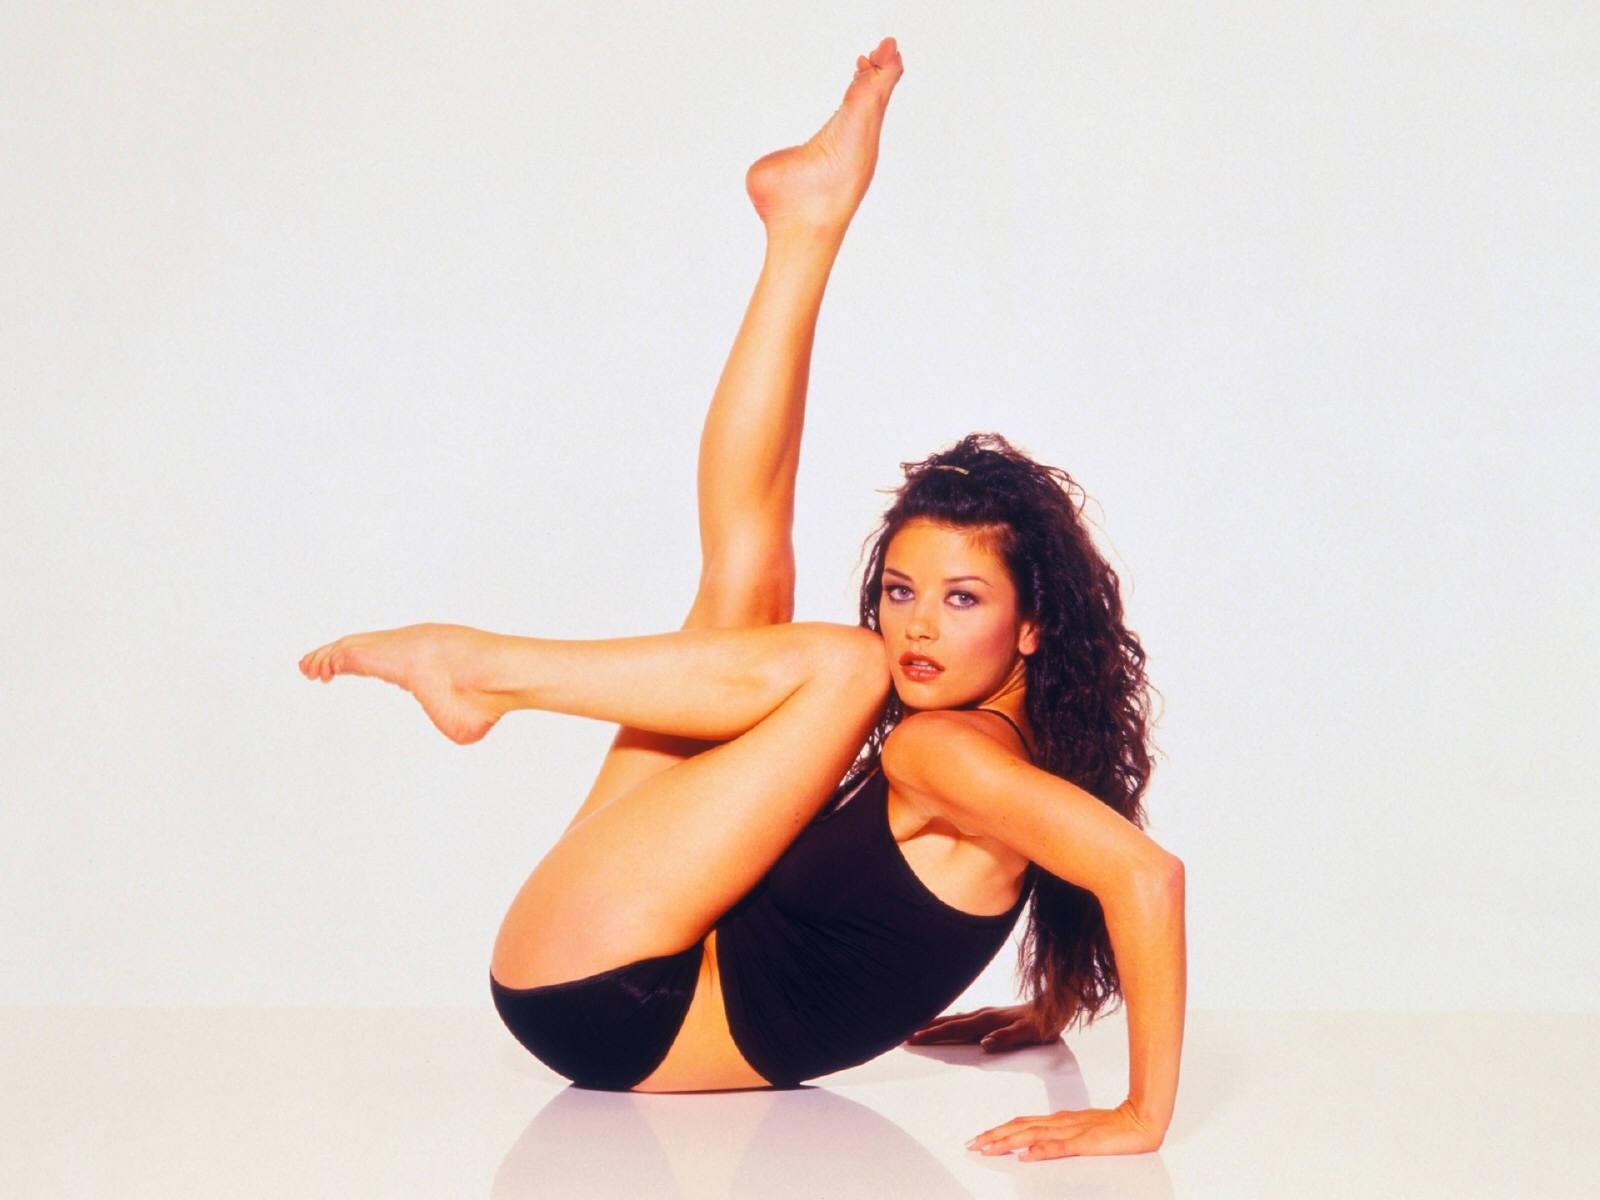 Wallpaper di Catherine Zeta-Jones a piedi nudi